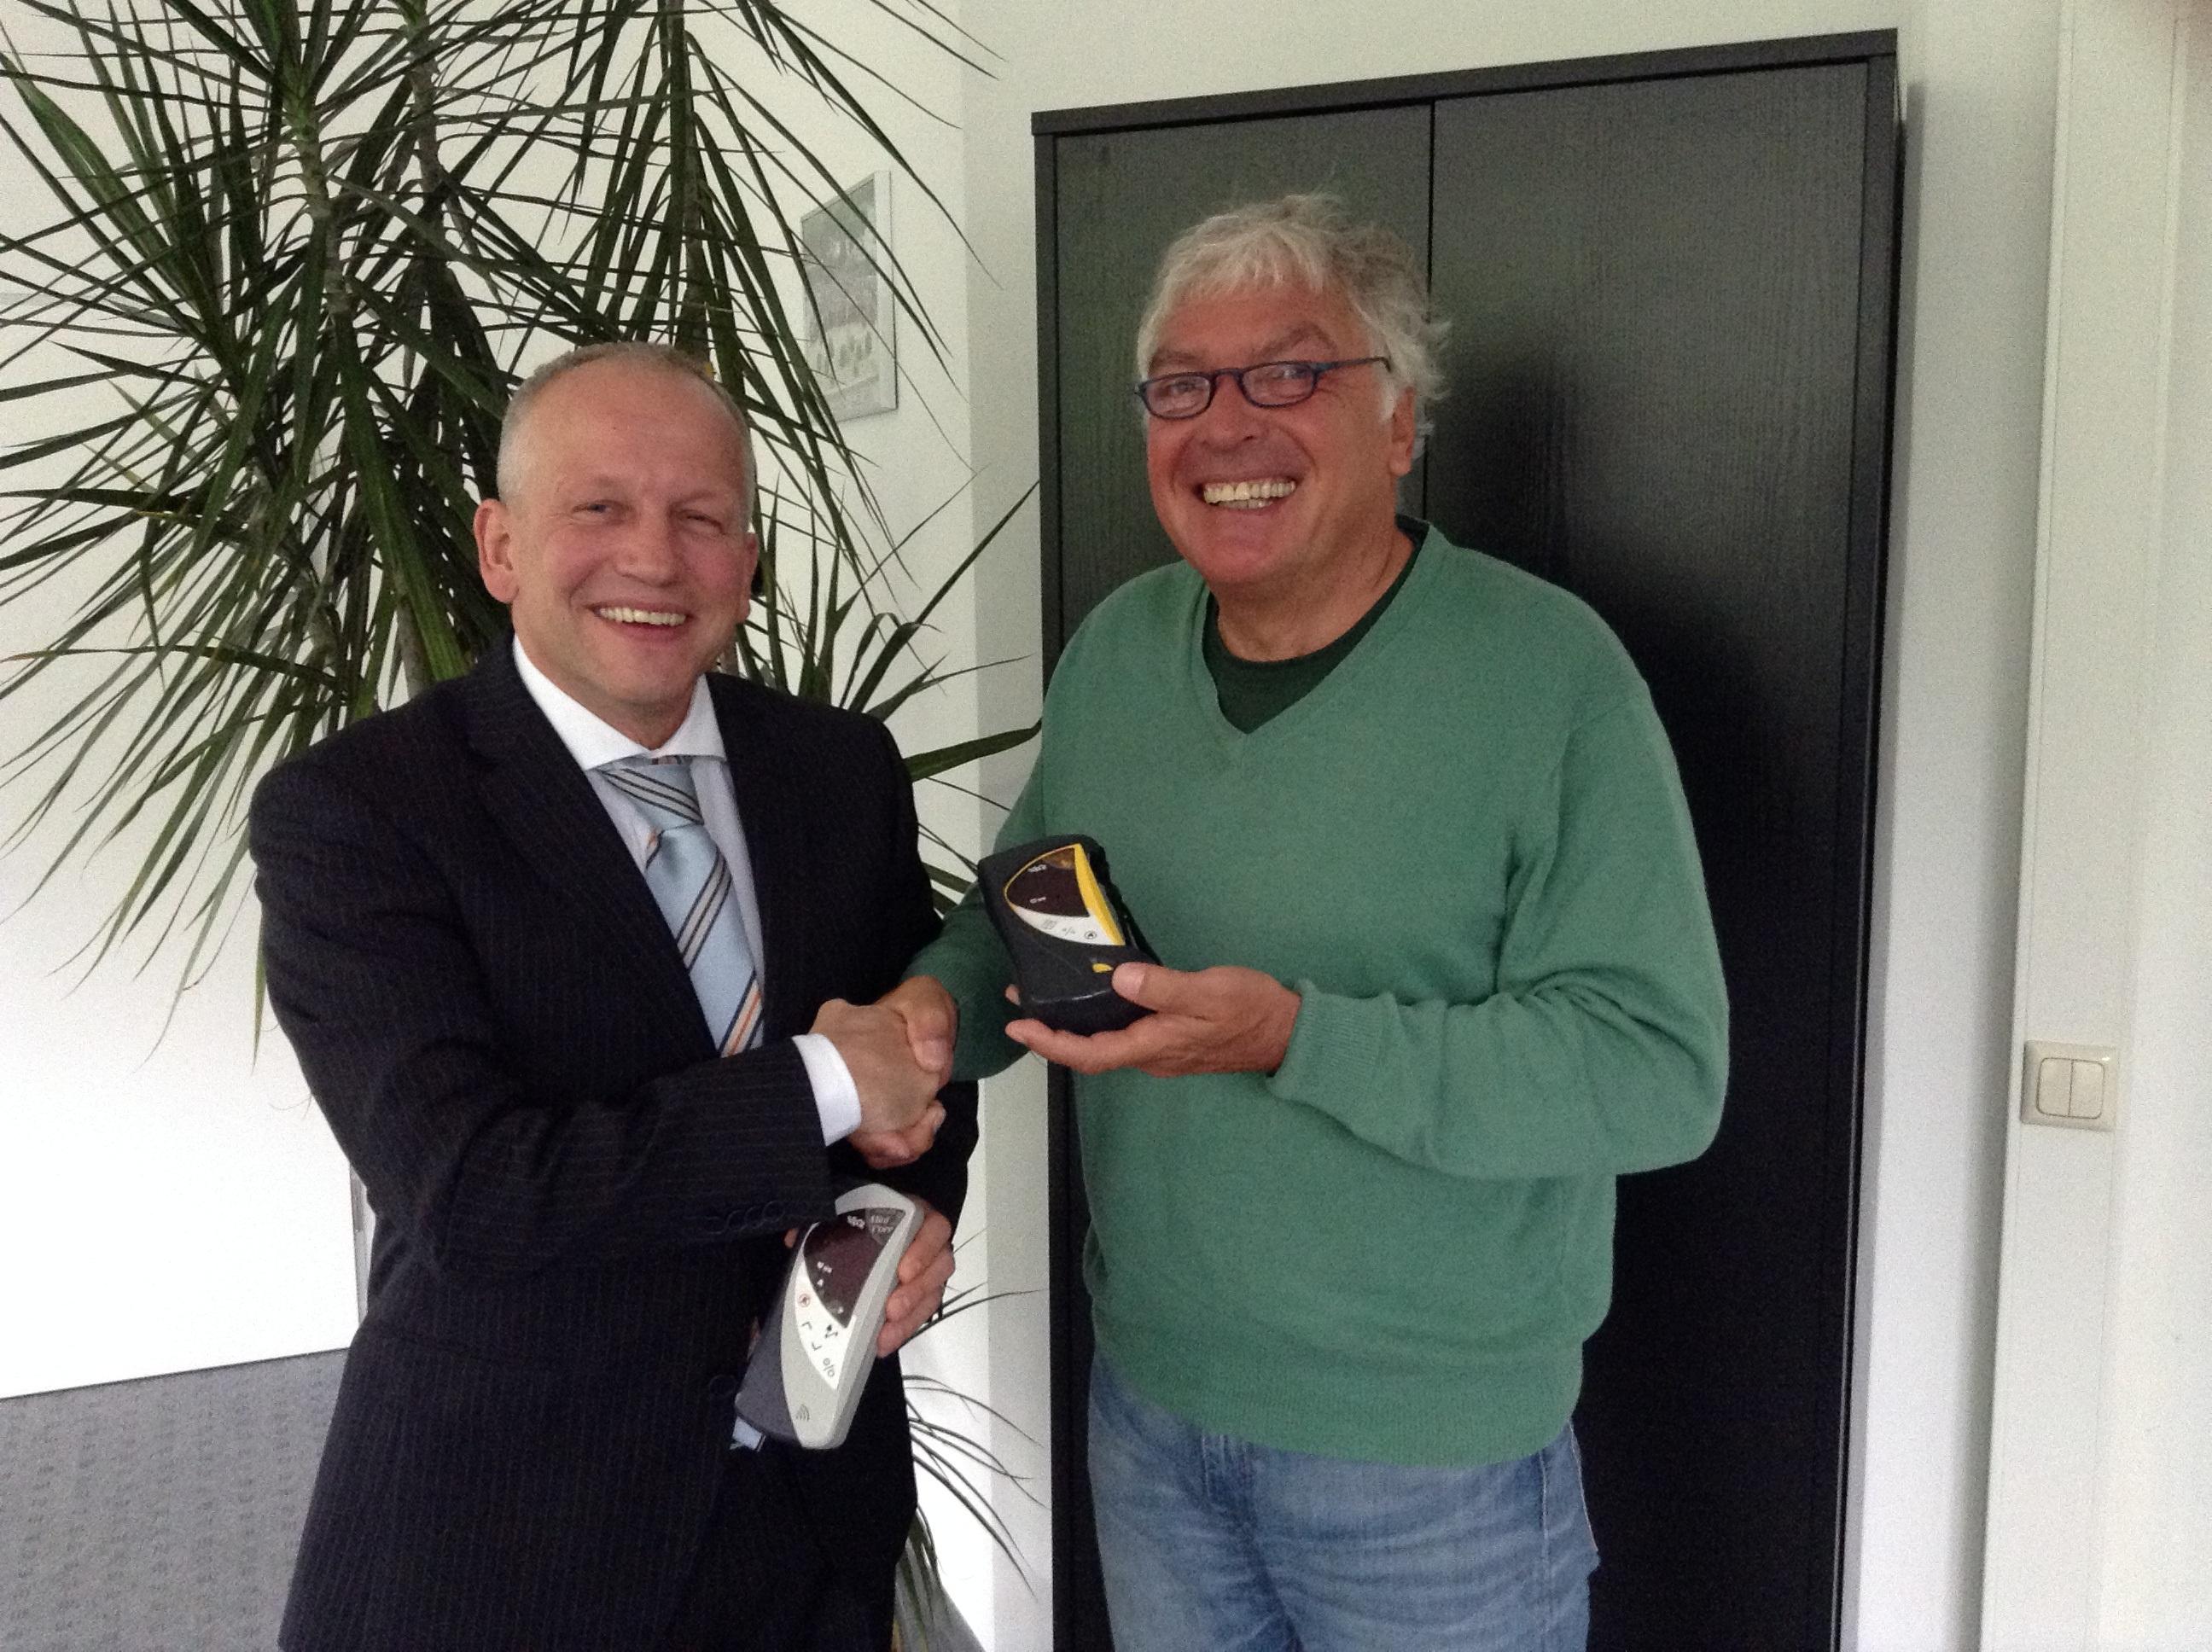 Vertriebschef K. Künstler von smiths medical und Prof Dr Hajo Schneck vom Ebersberger Förderverein Interplast e.V.